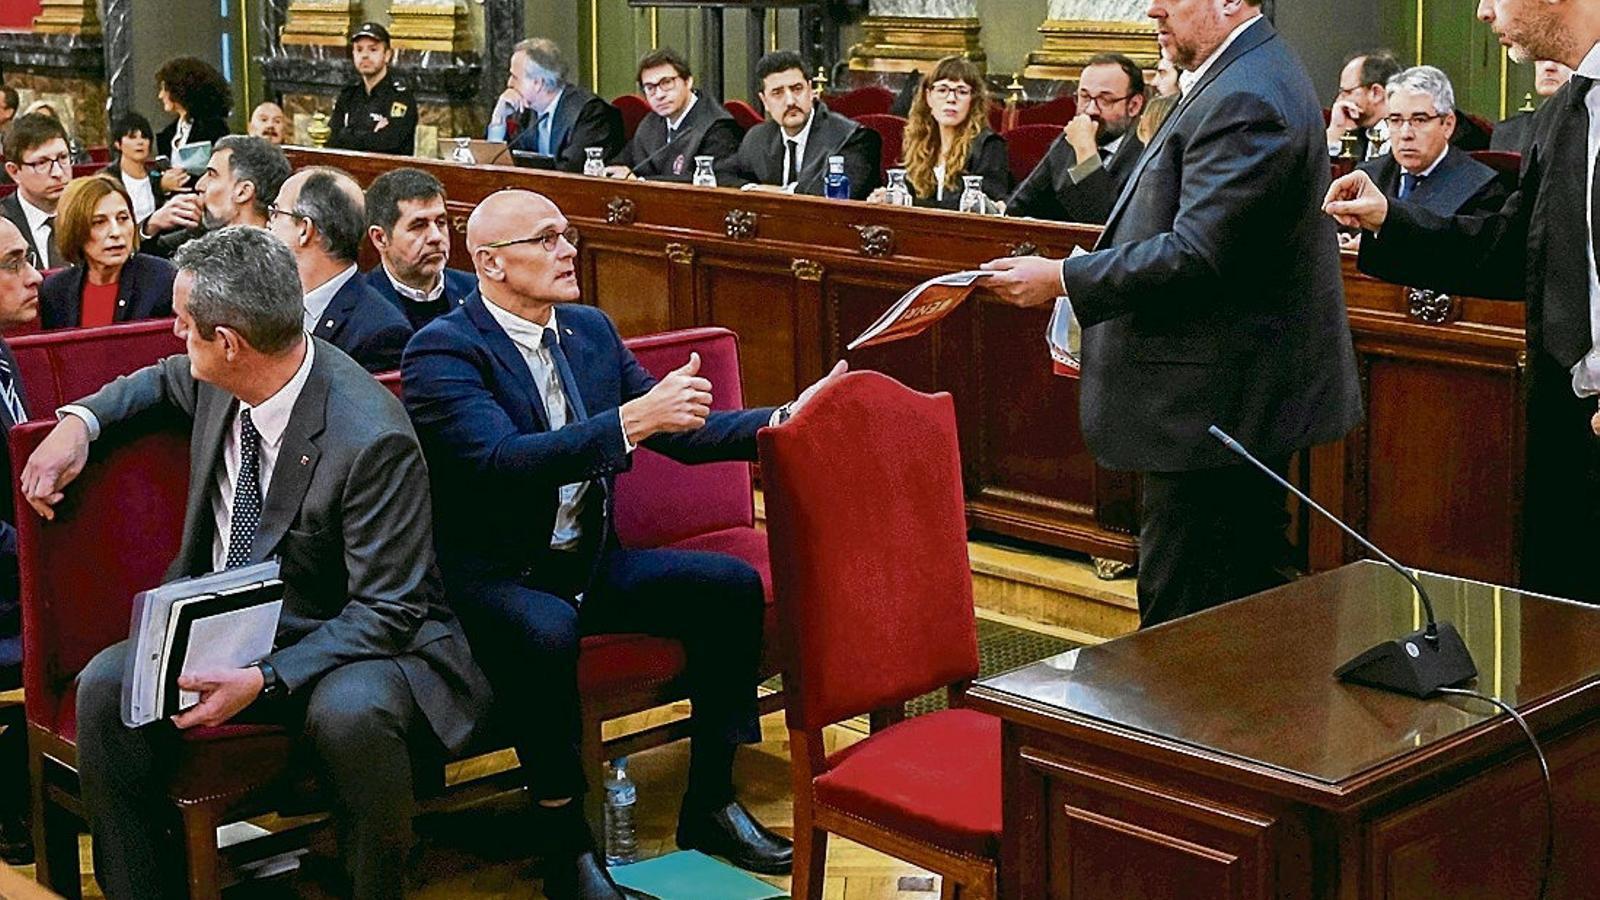 Ajornada la vista prejudicial del TJUE  sobre la immunitat de Junqueras